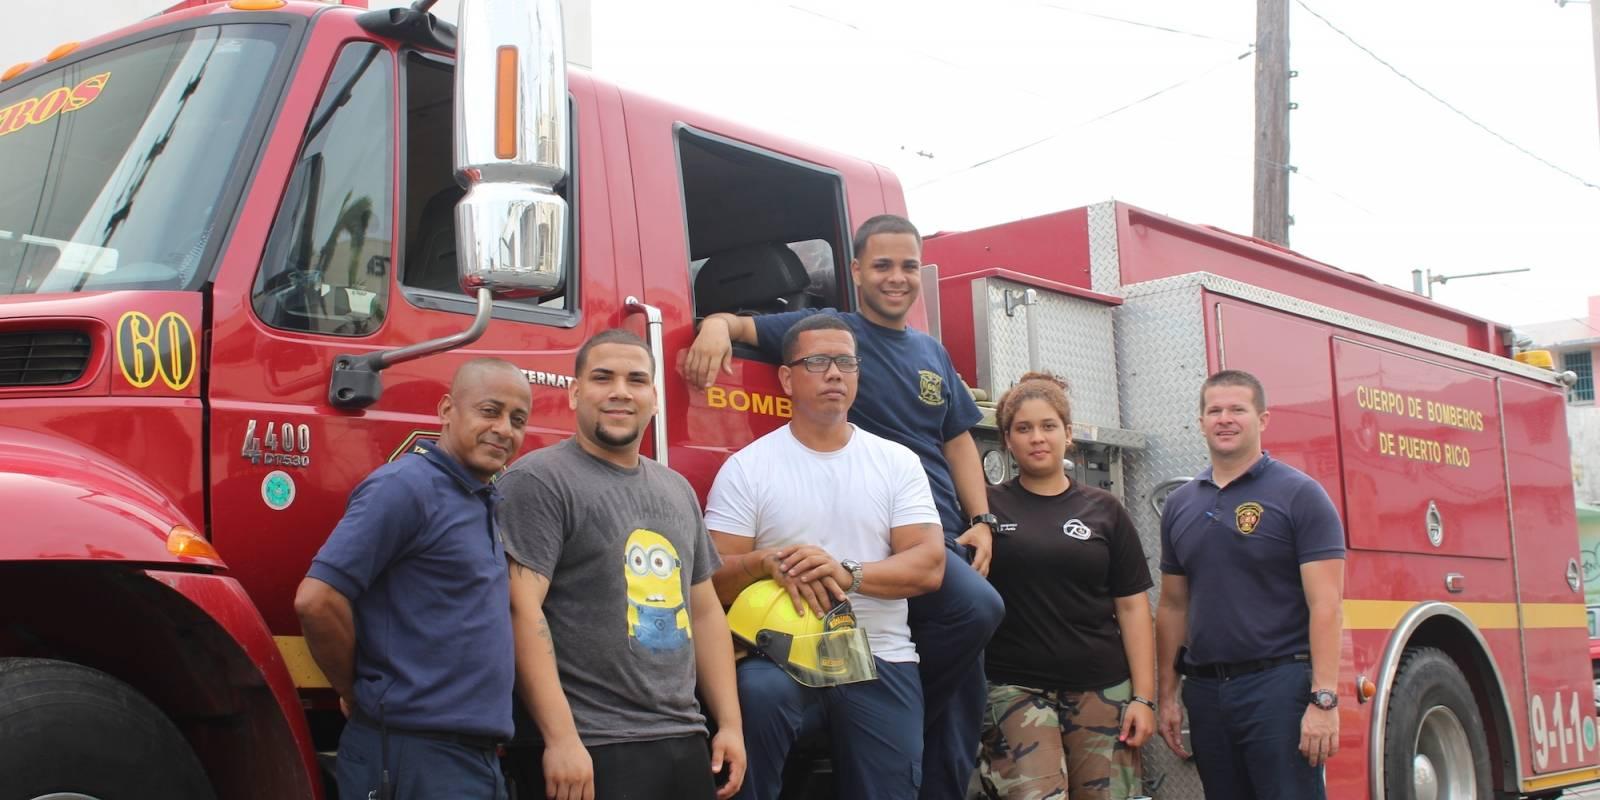 De izquierda a derecha, el bombero Jorge Canales, el voluntario Nathanie Javier, el teniente Santos Ayala, el bombero Orlando Vidal, la voluntaria, Sannette Ayala y el bombero Waldemar Ramos. / Foto: Miguel De Jesús